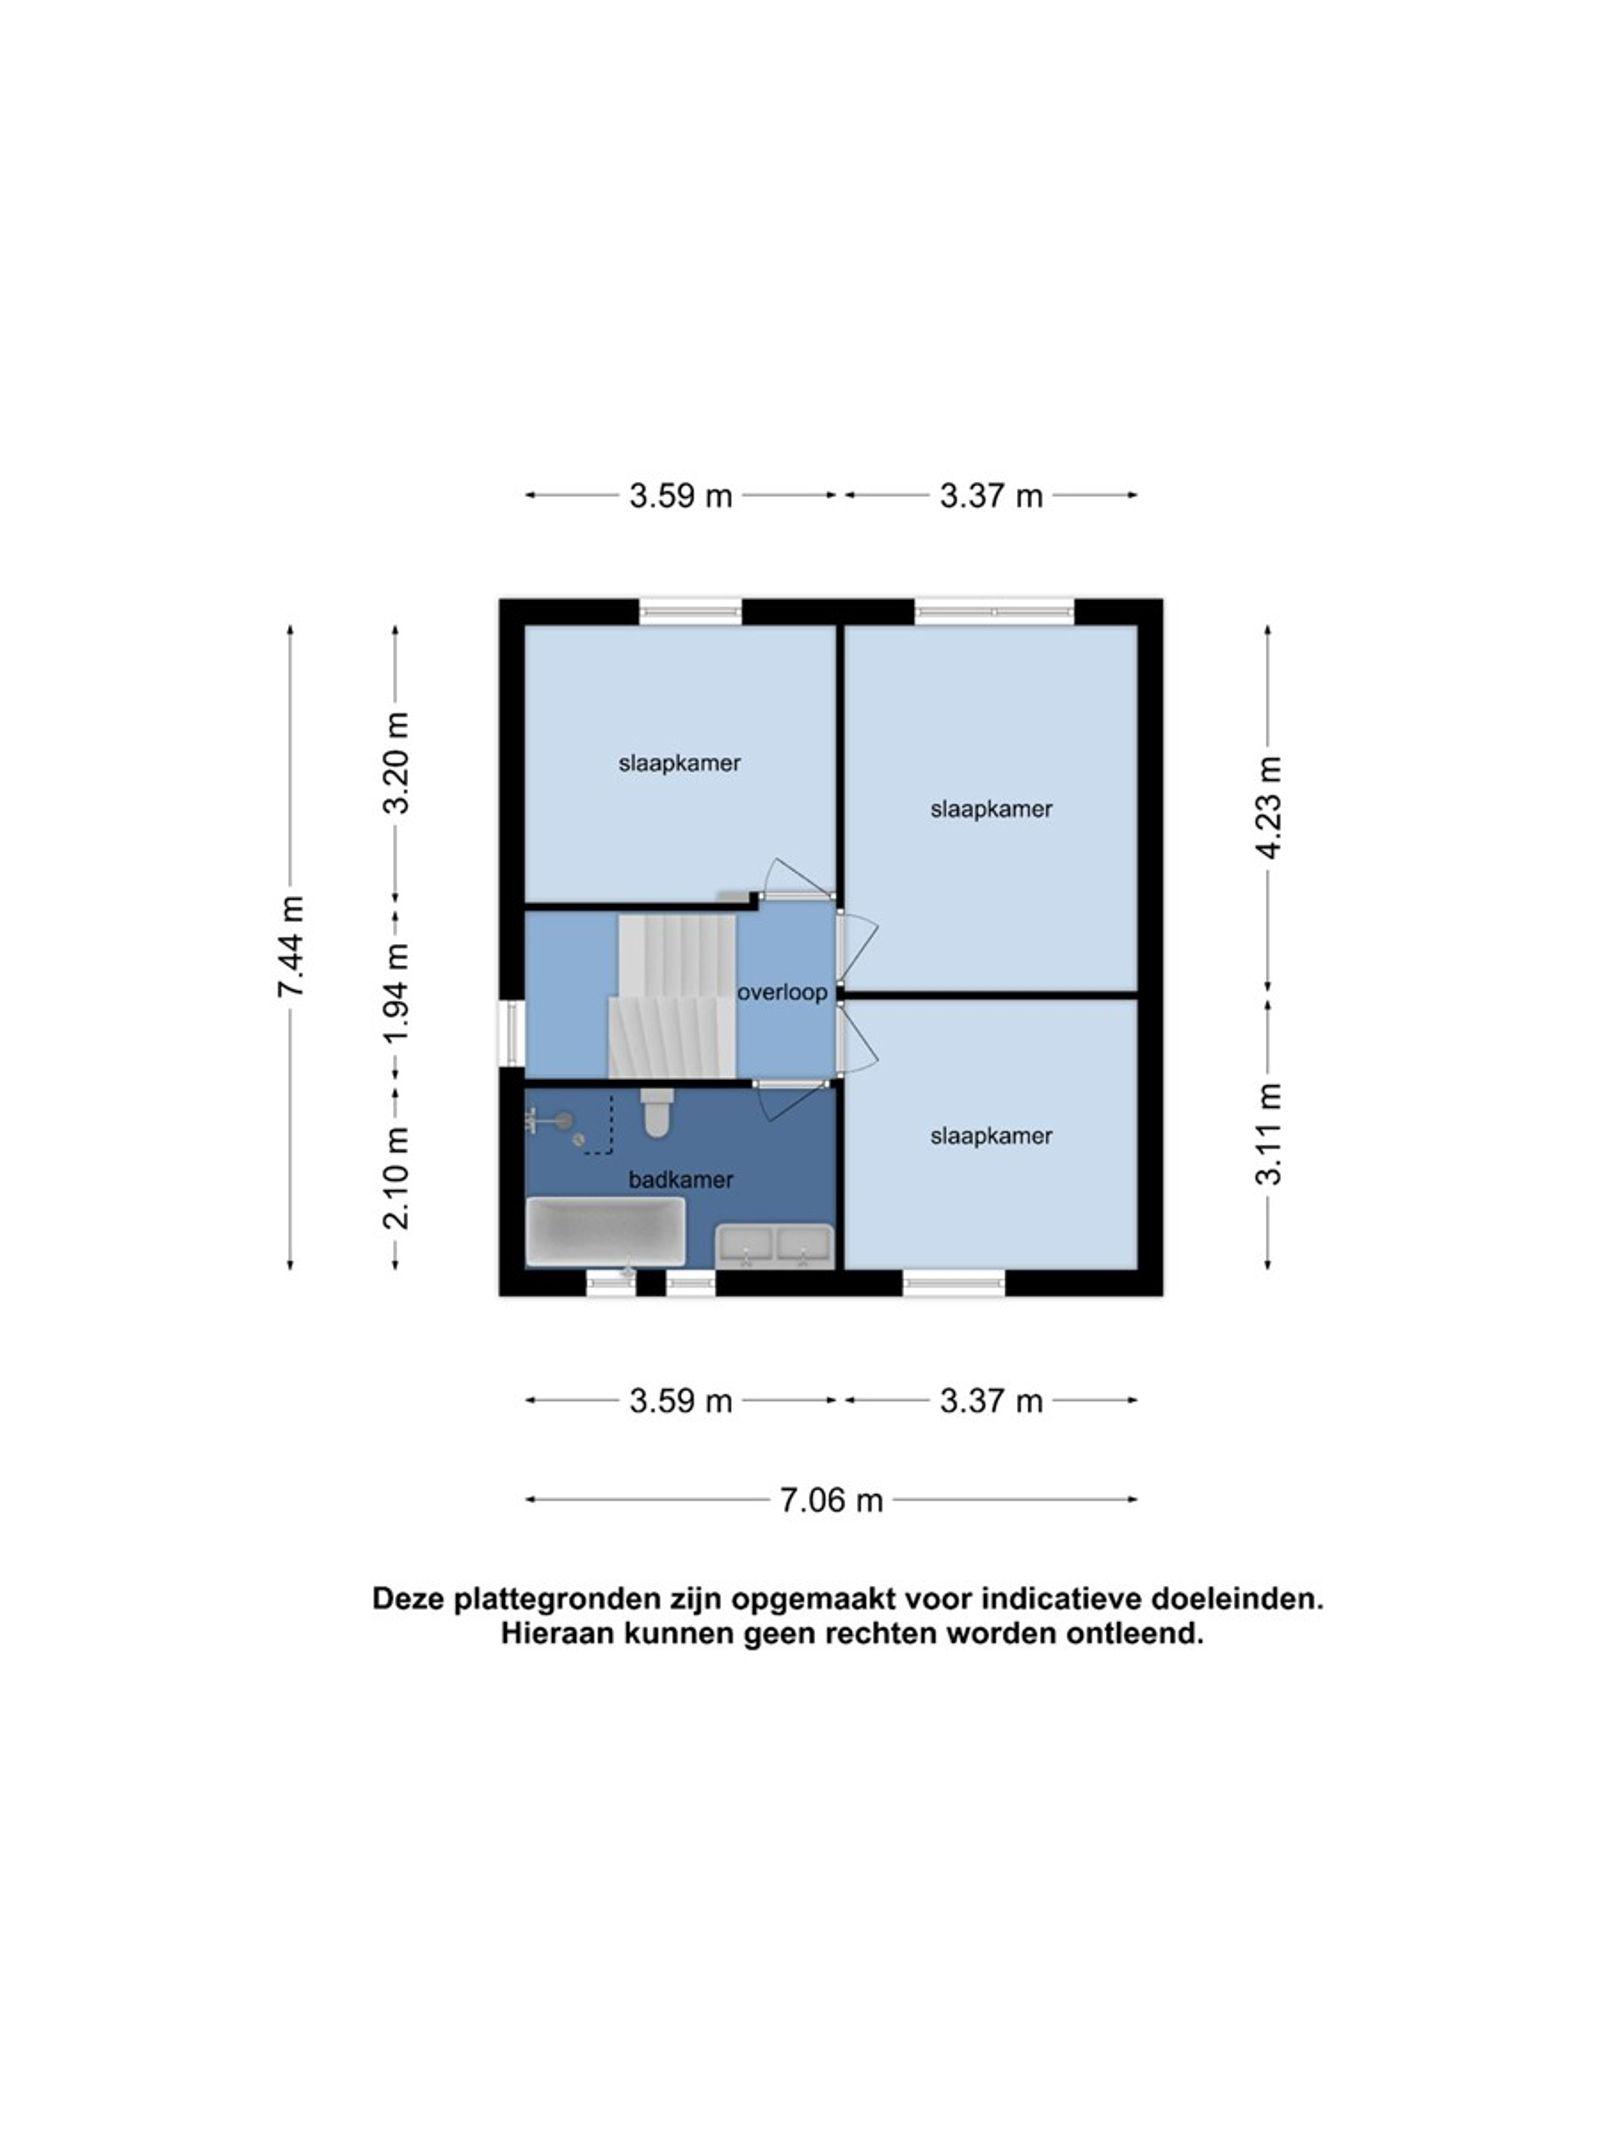 Deze ruime twee-onder-een-kapwoning met oprit en inpandige garage staat in een rustige en kindvriendelijke woonstraat aan de rand van het dorp. De woning is onder andere voorzien van een ruime woonkamer met mooie open haard, een moderne woonkeuken, vier slaapkamers en een luxe badkamer met douche en ligbad. Middels een vaste trap heeft u toegang tot de tweede verdieping welke voldoende bergruimte biedt en waar zich een van de slaapkamers bevindt. De voor- en achtertuin zijn beide verzorgd aangelegd. De achtertuin is fraai aangelegd met een gazon en terrastegels.  BEGANE GROND  Entree/hal met toegang tot de toiletruimte, woonkamer en vaste trap naar de eerste verdieping. Afwerking- Tegelvloer, stucwerk wanden en stucwerk plafond. Meterkast- 10 groepen en 2 aardlekschakelaars.  Toiletruimte met zwevend toilet en fonteintje. Afwerking- Tegelvloer, wandtegels met daarboven stucwerk en stucwerk plafond.  Zeer ruime L-vormige woonkamer met fraaie open haard en tuindeuren aan de achterzijde naar de achtertuin. Afwerking- Houten vloer, spachtelputz wanden en stucwerk plafond met sierlijsten.  Moderne woonkeuken uitgerust met een composieten werkblad, spoelbak, vaatwasser, 5-pits gaskookplaat, afzuigkap, oven, magnetron, koelkast en kastruimte. Vanuit de keuken is de praktische bijkeuken bereikbaar. Afwerking- Tegelvloer, wandlambrisering met daarboven stucwerk en MDF-plafond.  Praktische bijkeuken met inbouwkast met daarin aansluitingen voor de wasmachine en droger. Afwerking- Laminaatvloer, stucwerk wanden en stucwerk plafond.  EERSTE VERDIEPING  Overloop met toegang tot drie slaapkamers, de badkamer en vaste trap naar de tweede verdieping. Afwerking- Mozaiek parketvloer, stucwerk wanden en stucwerk plafond.  Slaapkamer 1- Een ruime slaapkamer aan de voorzijde van de woning. Afwerking- Laminaatvloer, stucwerk wanden en stucwerk plafond.  Slaapkamer 2- Een ruime slaapkamer aan de achterzijde van de woning. Afwerking- Laminaatvloer, stucwerk wanden en stucwerk plafond.  Slaa